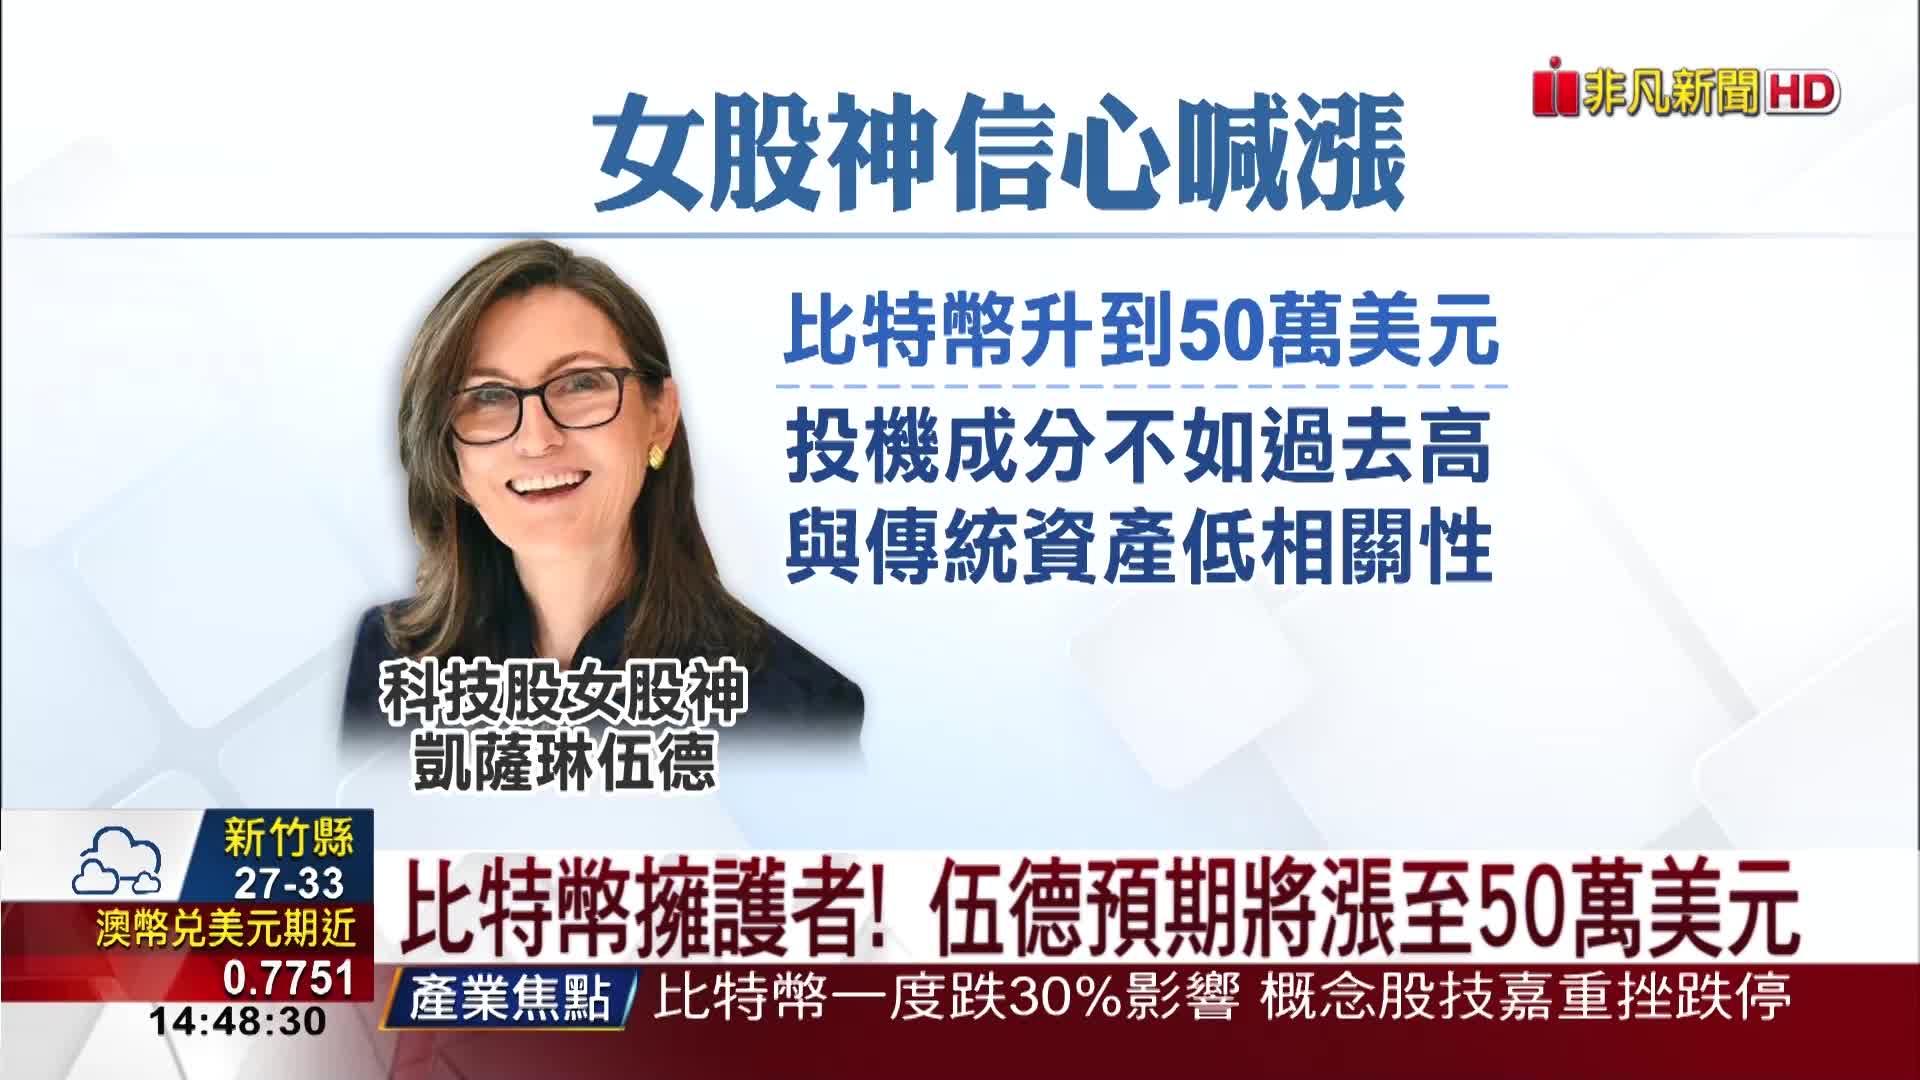 中國禁加密幣!比特幣驚跌單日貶1萬美元